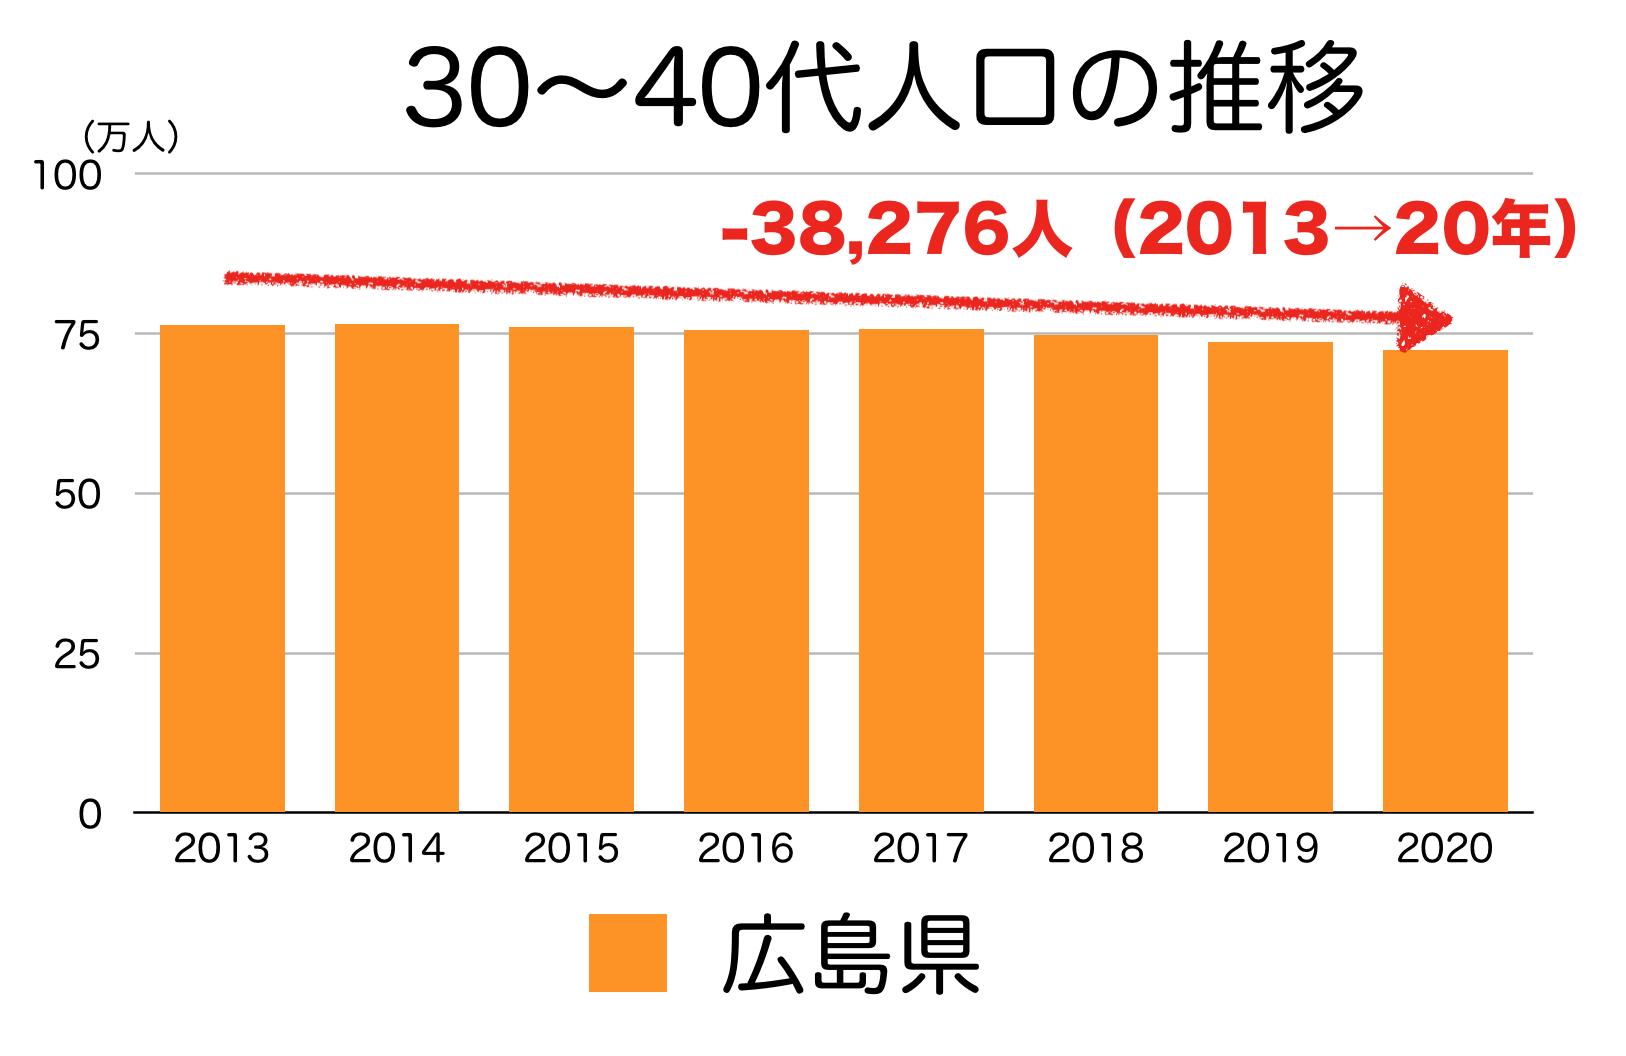 広島県の30〜40代人口の推移